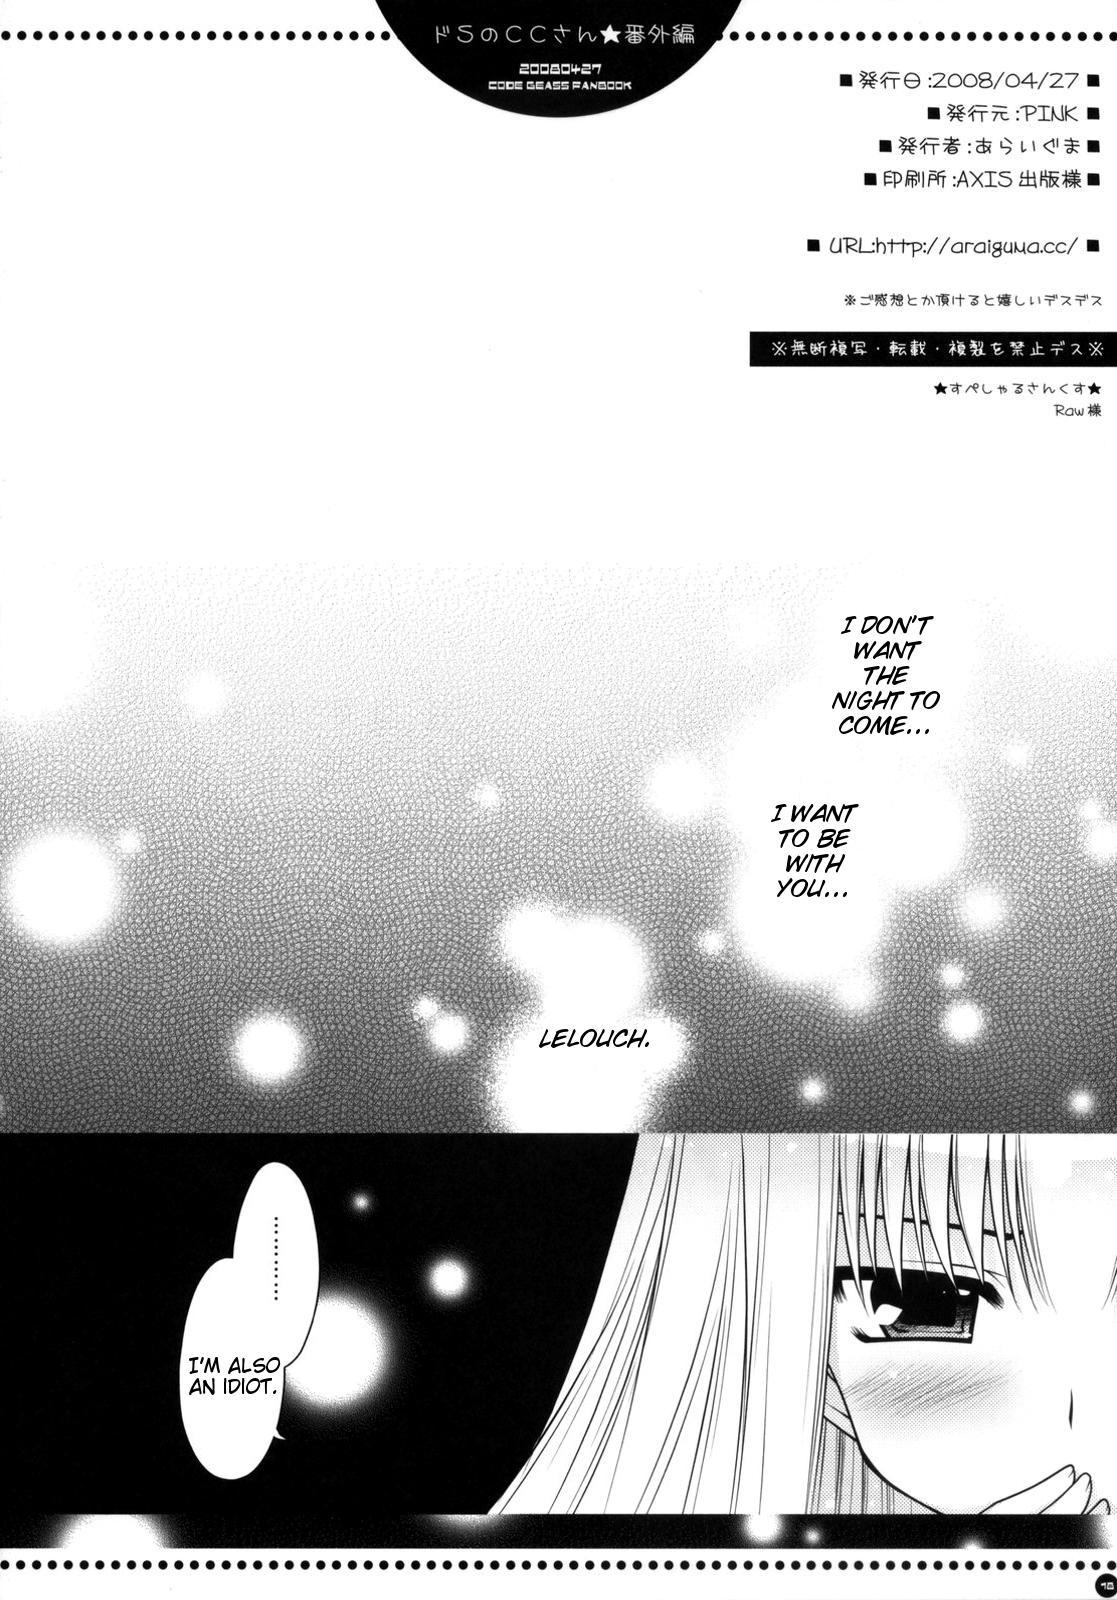 (COMIC1☆2) [PINK (Araiguma)] Do S no C.C.-san wa Tsui Tsui Lelouch-kun o Ijimete Shimau no - Bangaihen | Sadistic C.C. Carelessly Bullying Lelouch (CODE GEASS: Lelouch of the Rebellion) [English] 16